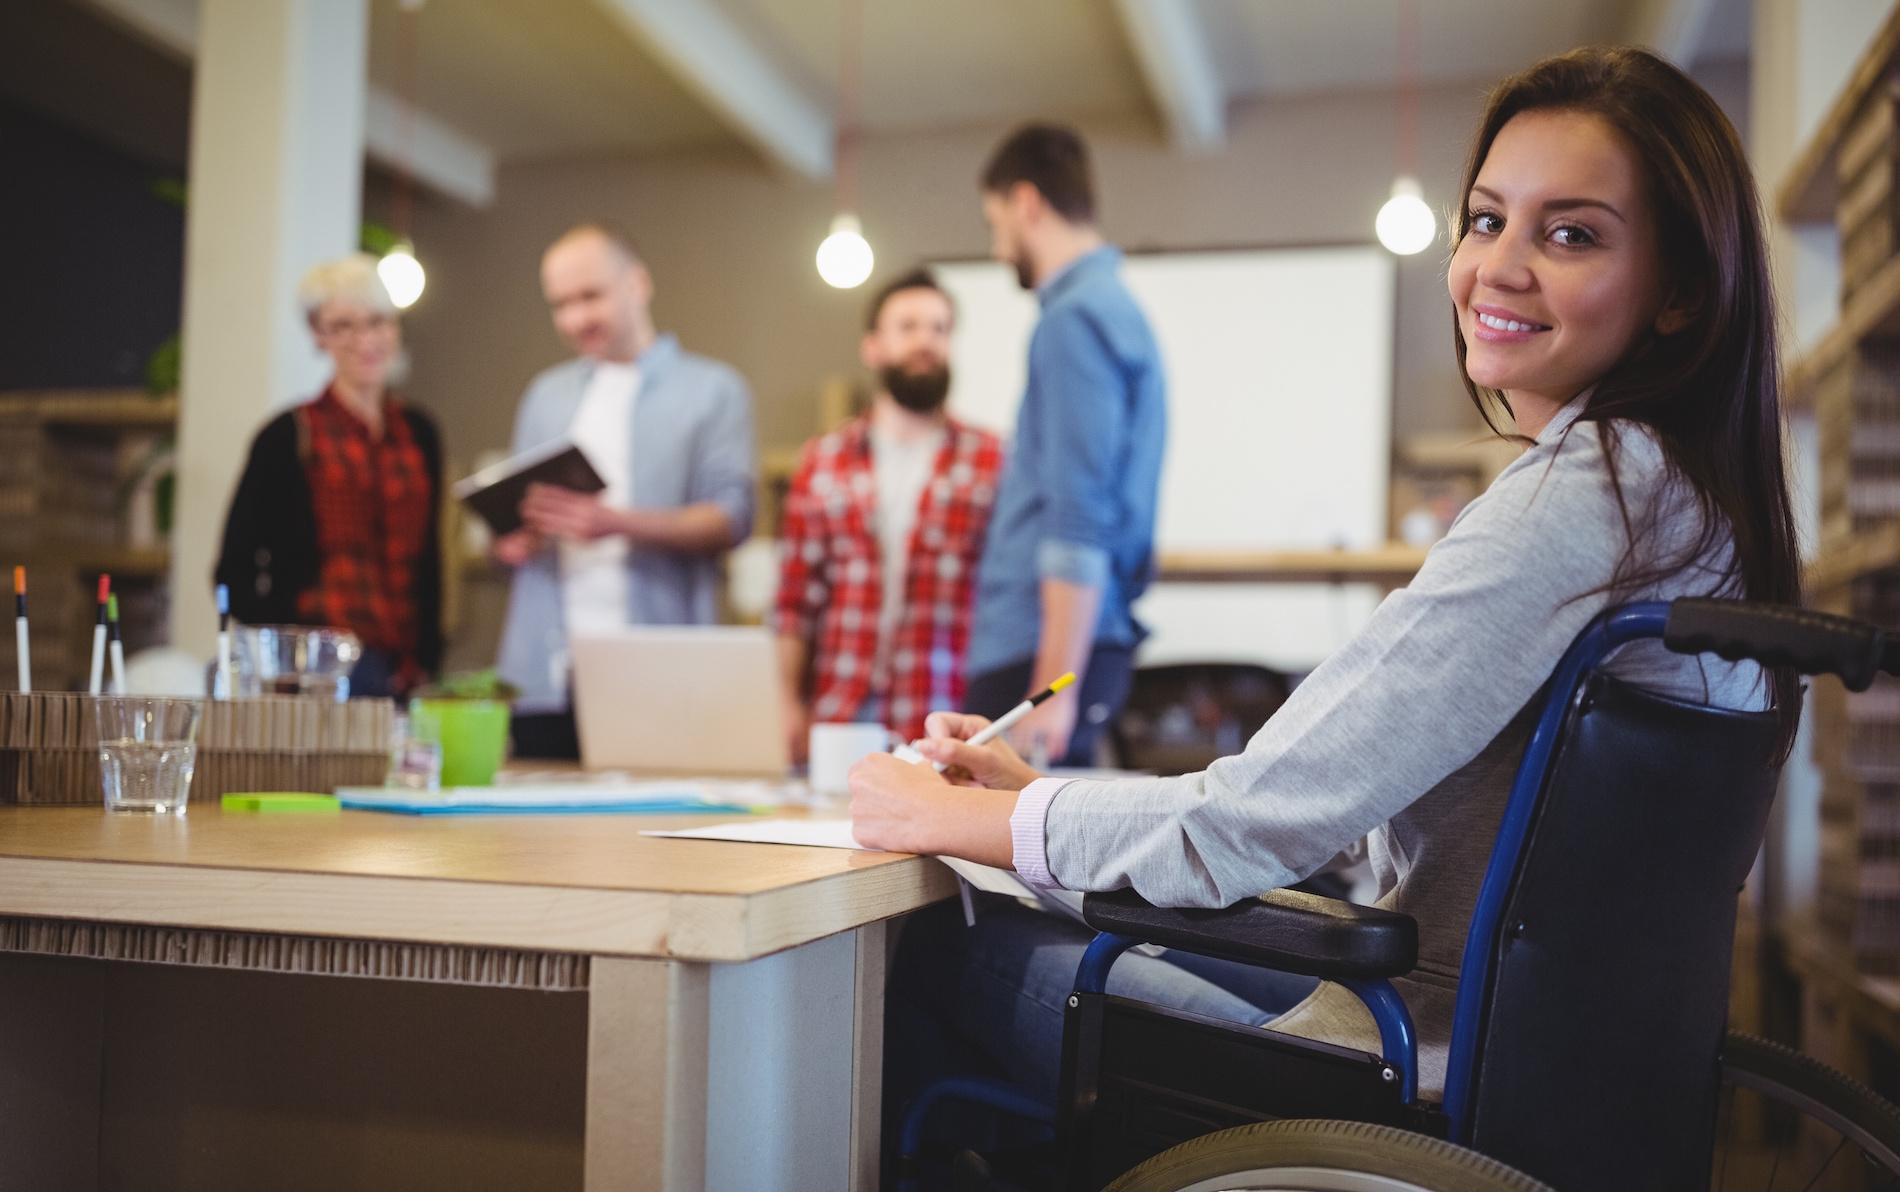 Une réunion en entreprise avec une personne en situation de handicap